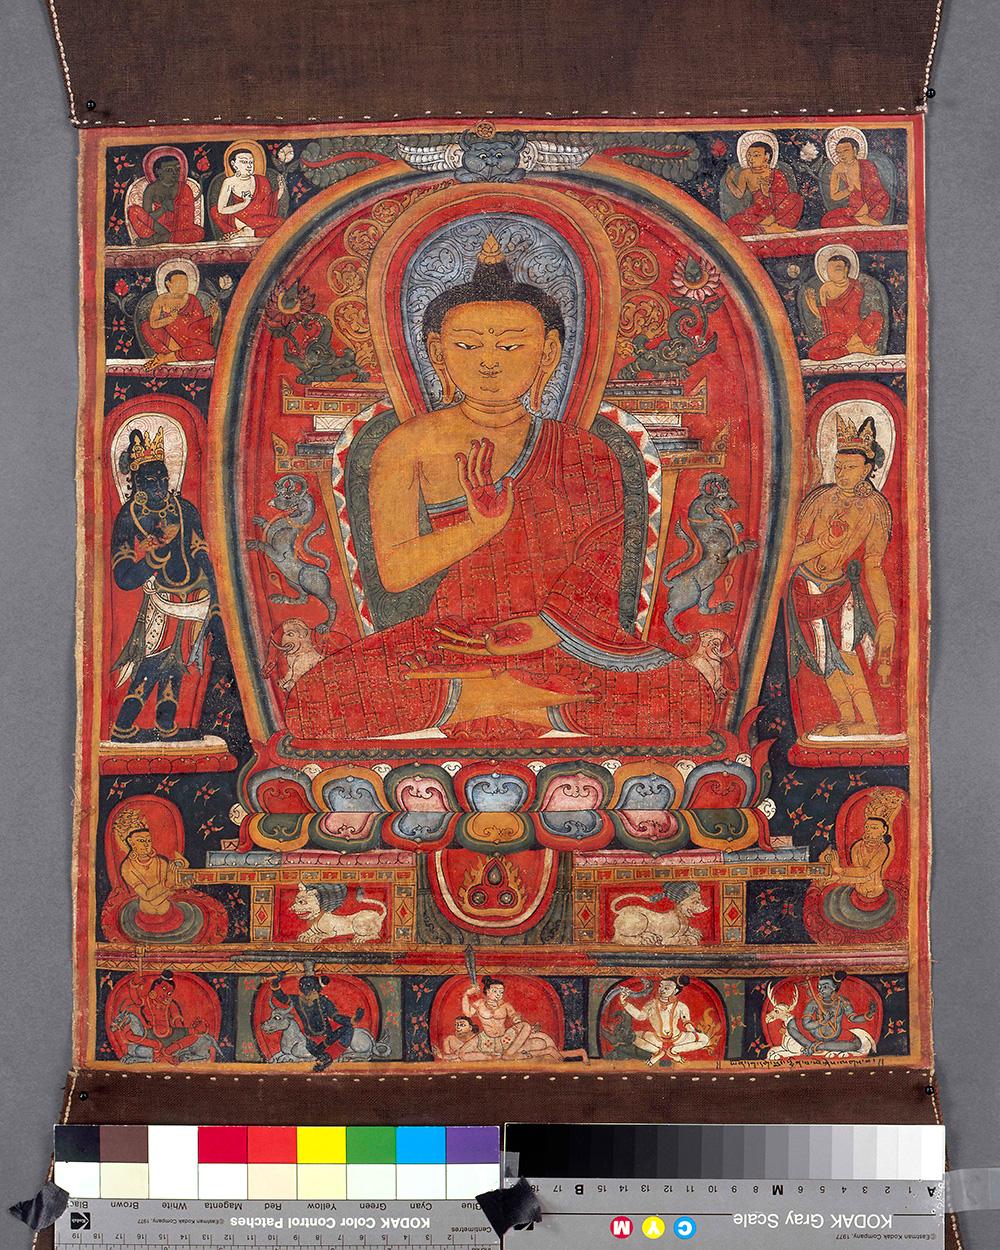 Buddha Shakyamuni with Attendants